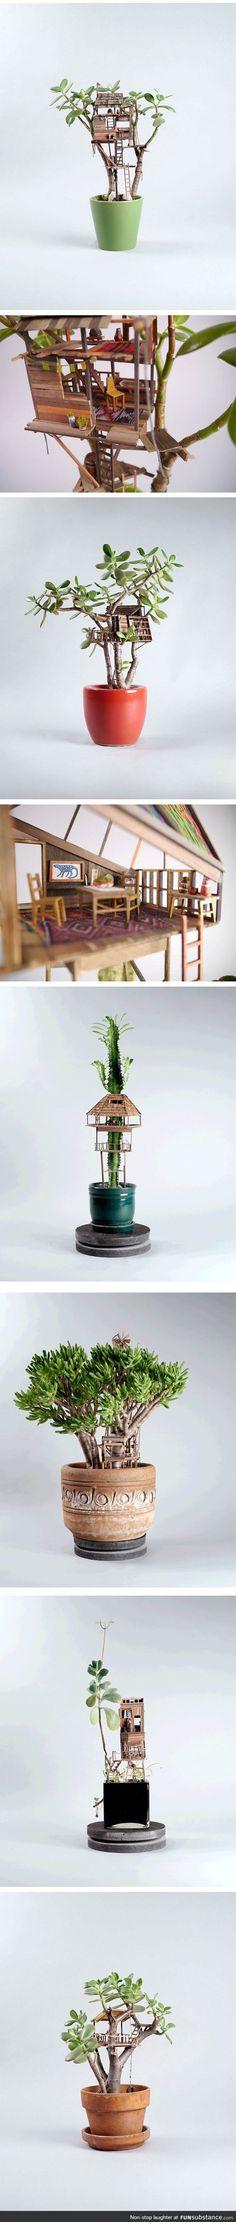 miniature tree houses 1